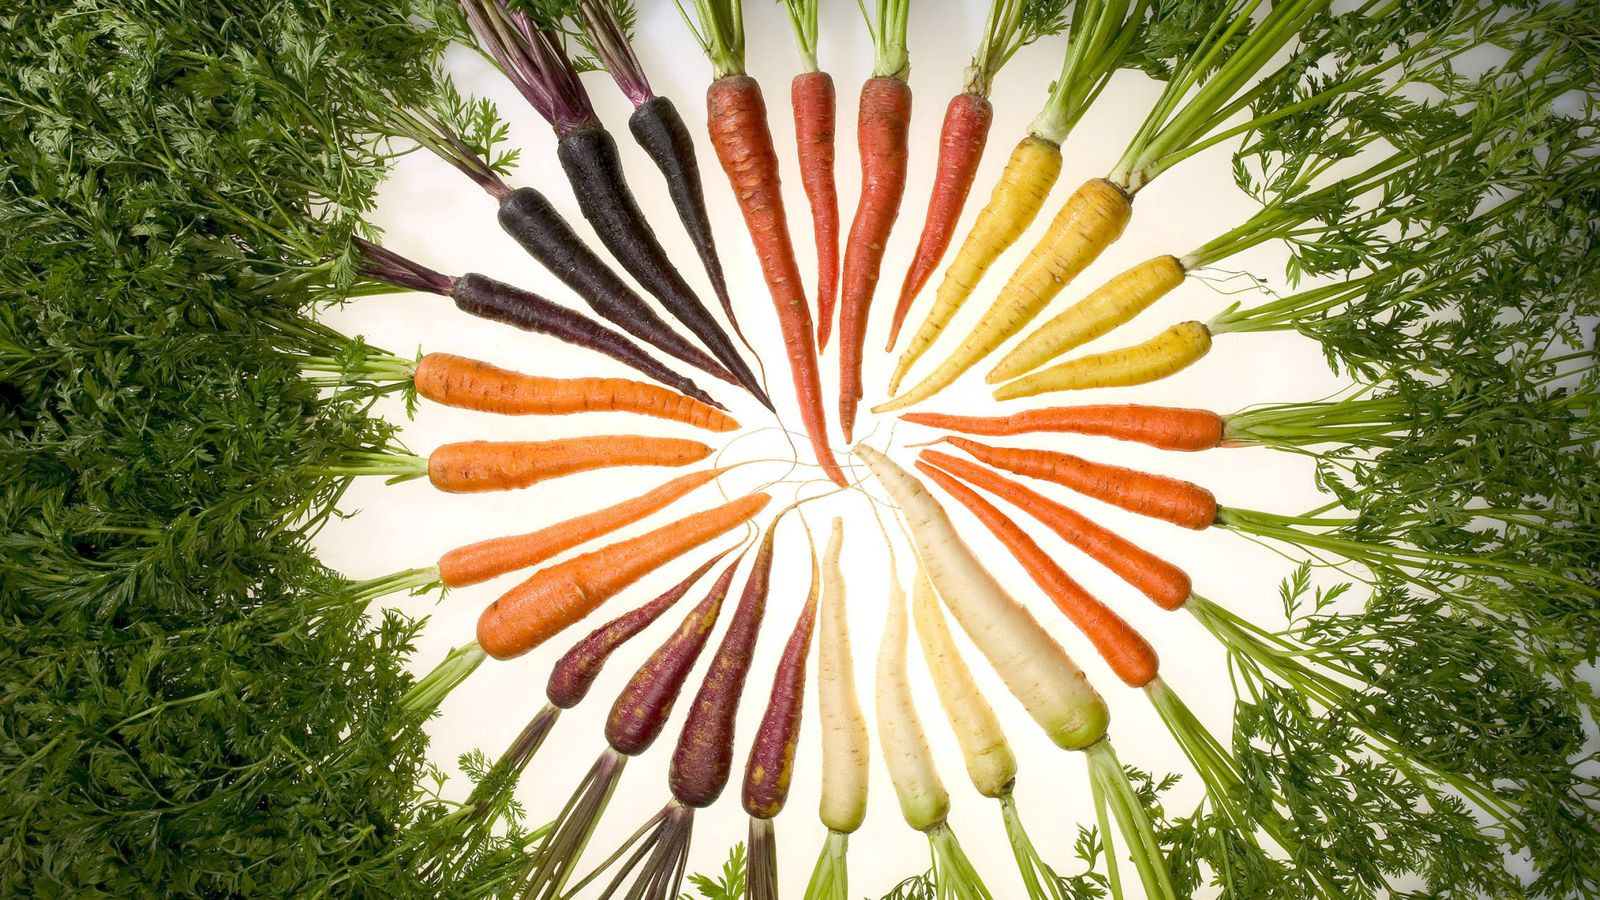 Alimentacion Cuando Las Zanahorias Cambiaron De Color Y Se Volvieron Antiespanolas Agregale color y sabor a tus comidas veganas con este queso de zanahorias y sésamo. las zanahorias cambiaron de color